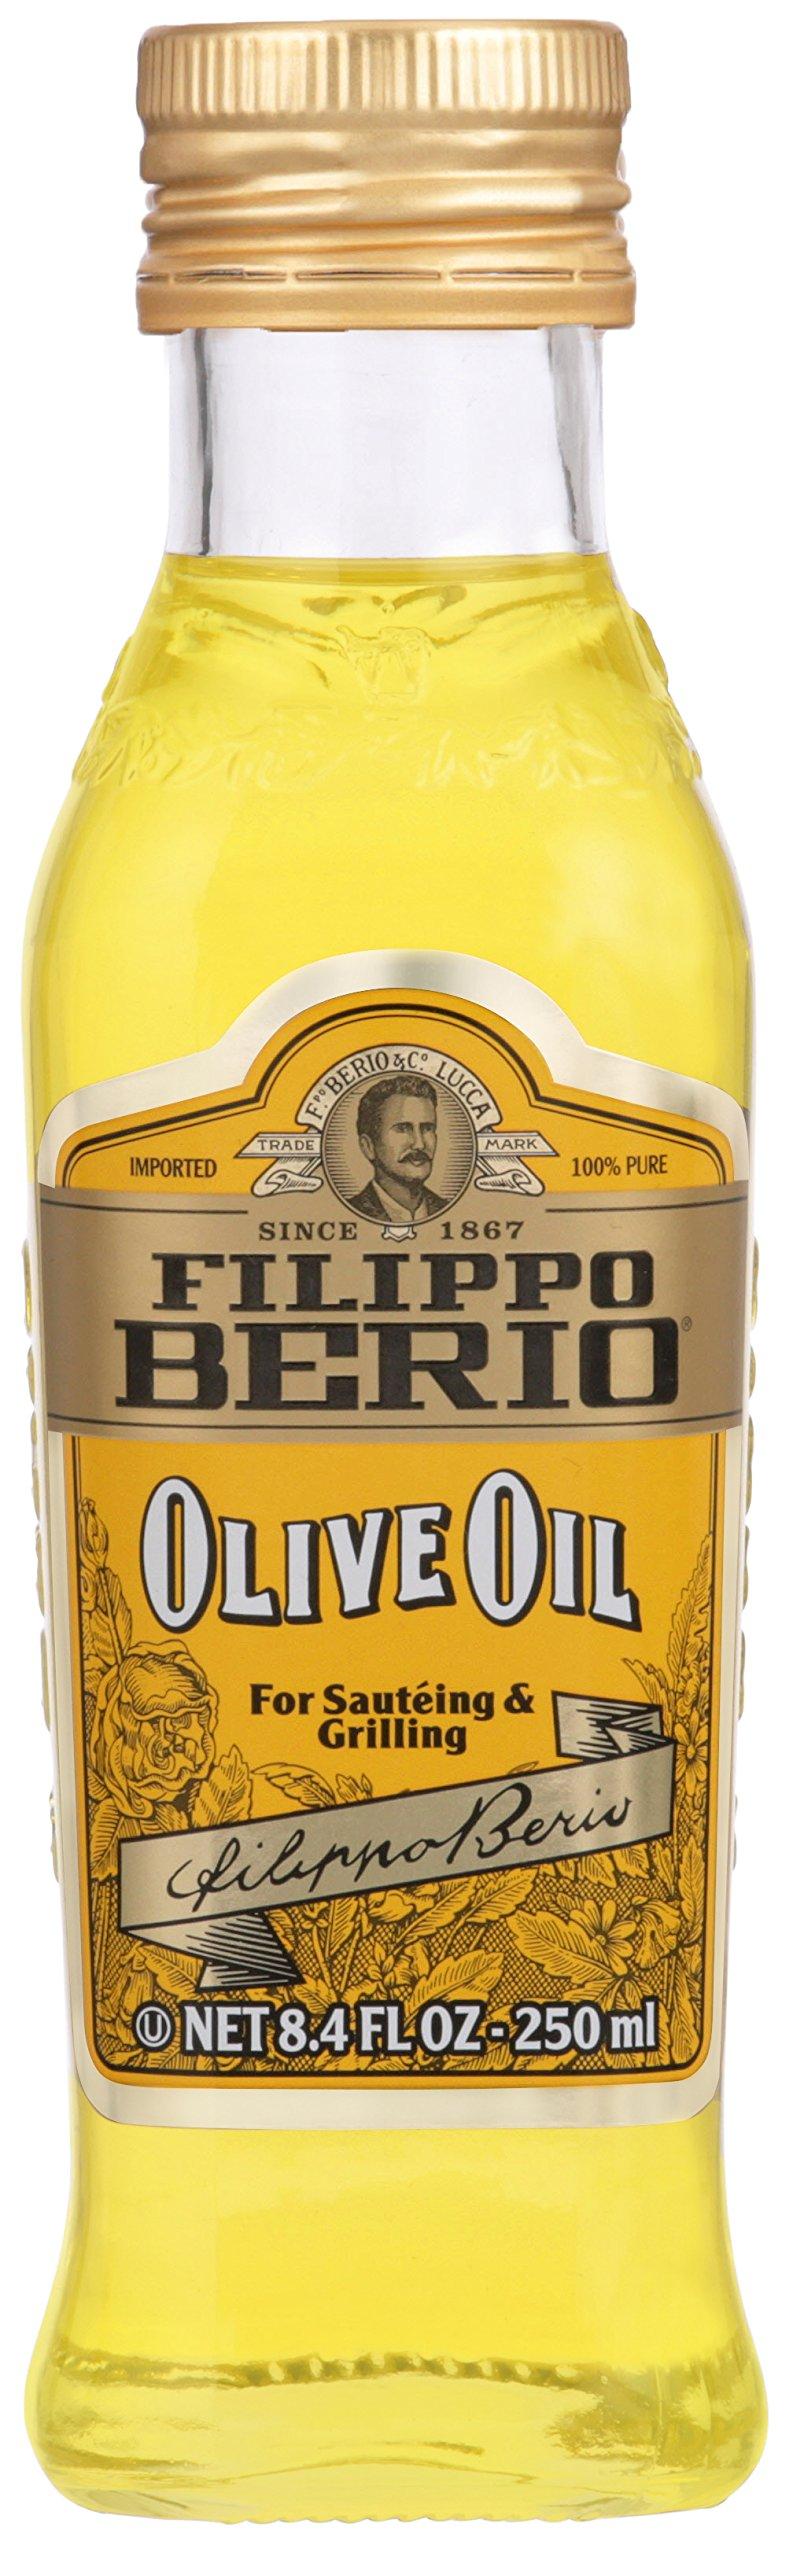 Filippo Berio Olive Oil, 8.4 Ounce